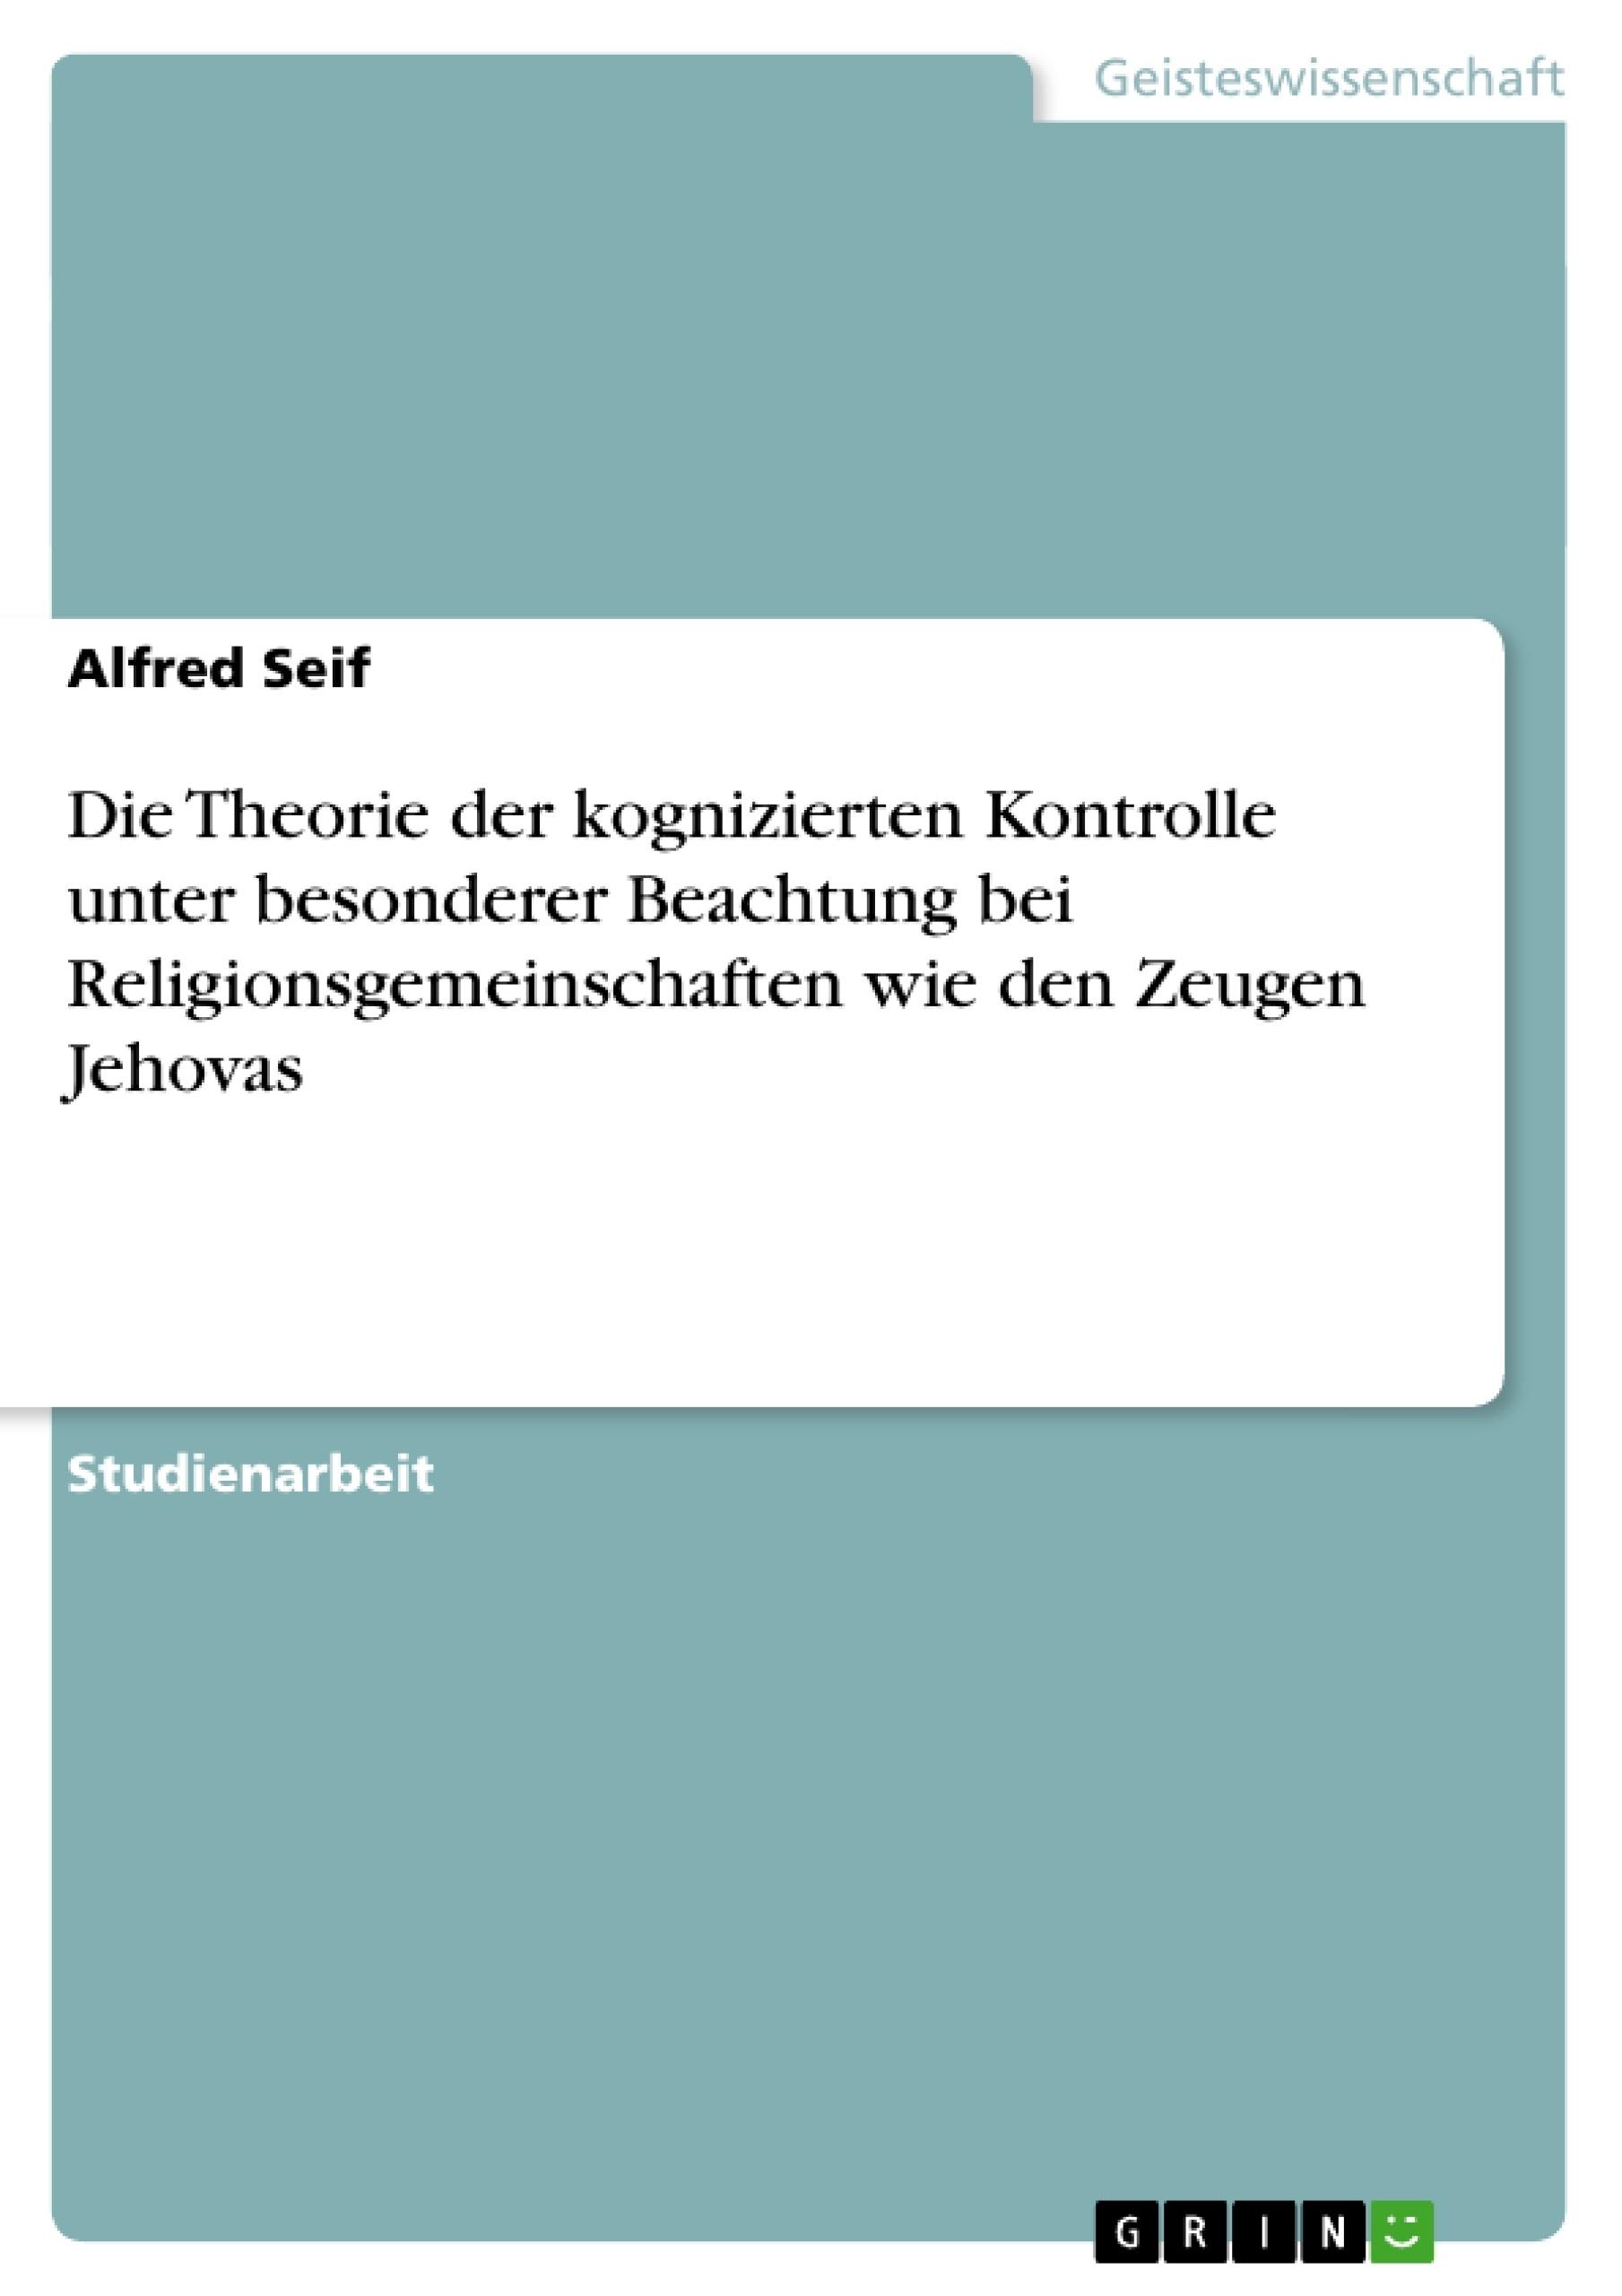 Titel: Die Theorie der kognizierten Kontrolle unter besonderer Beachtung bei Religionsgemeinschaften wie den Zeugen Jehovas